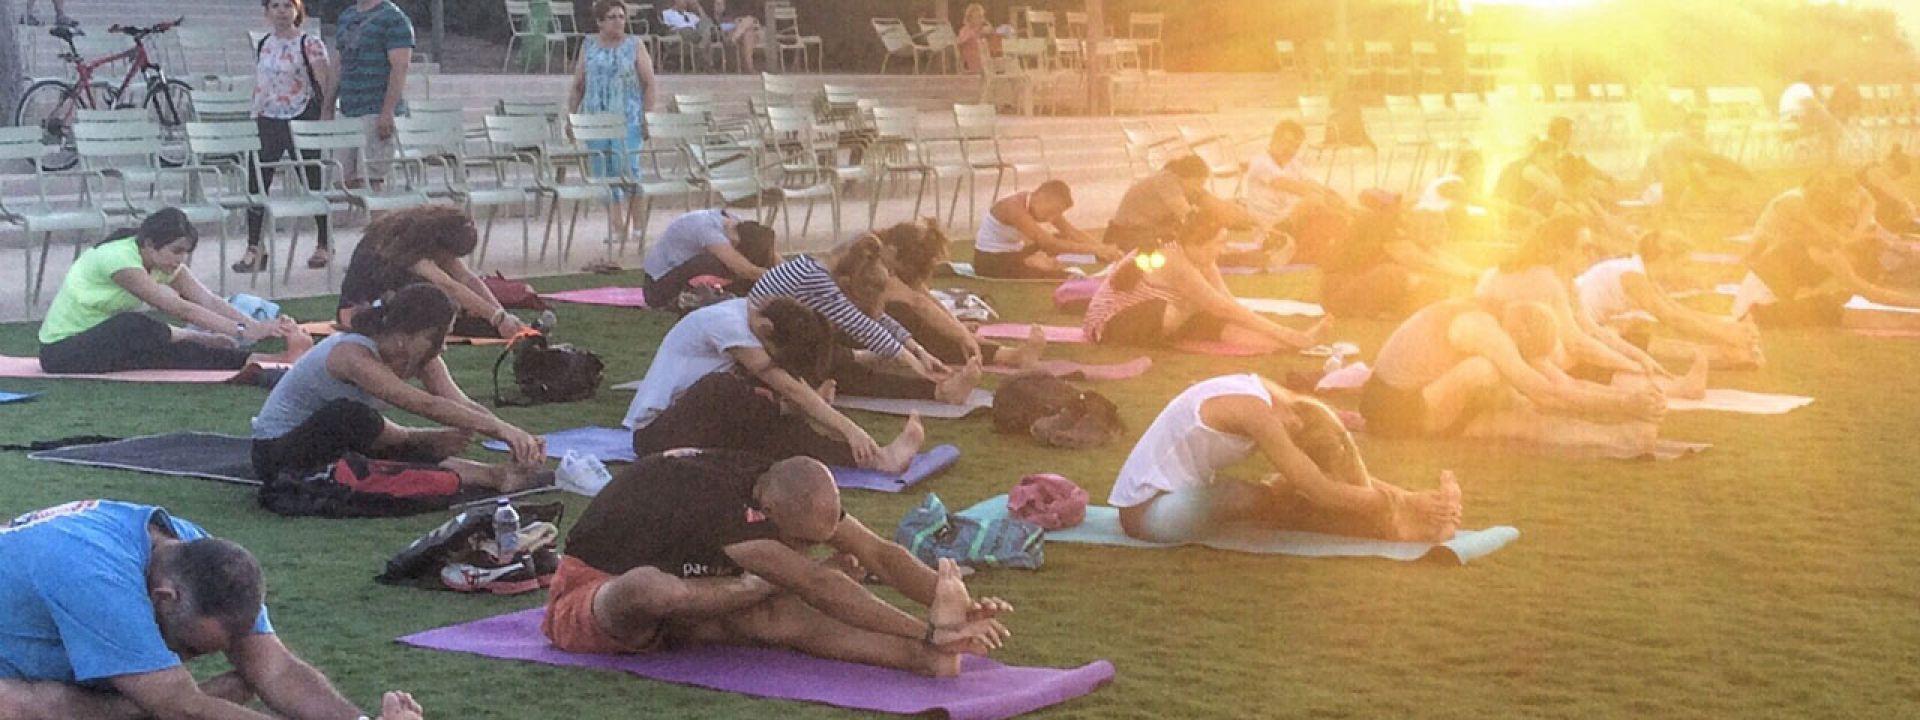 Φωτογραφία από μάθημα yoga στο Πάρκο Σταύρος Νιάρχος